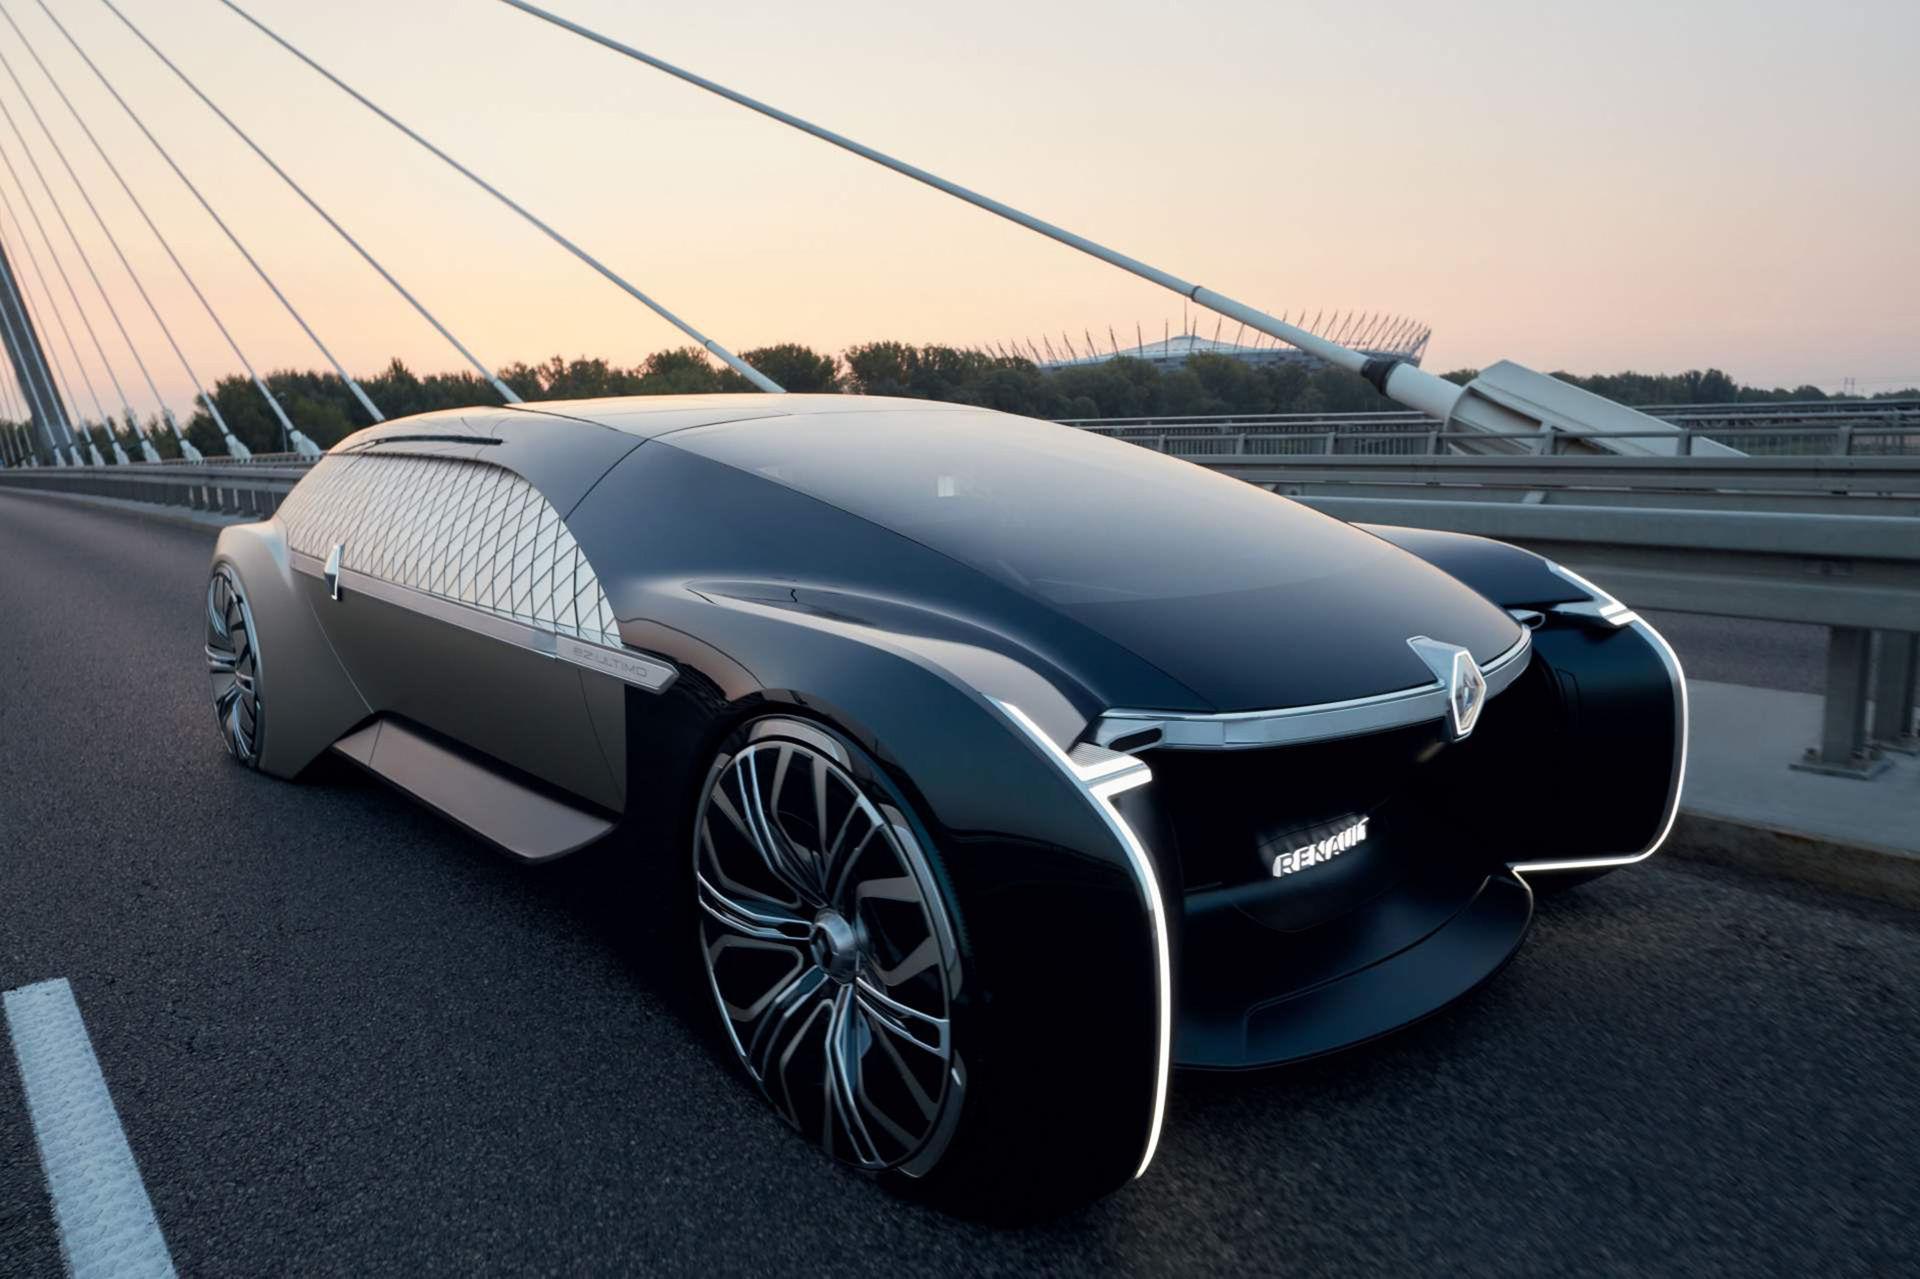 Maffigt självkörande koncept från Renault